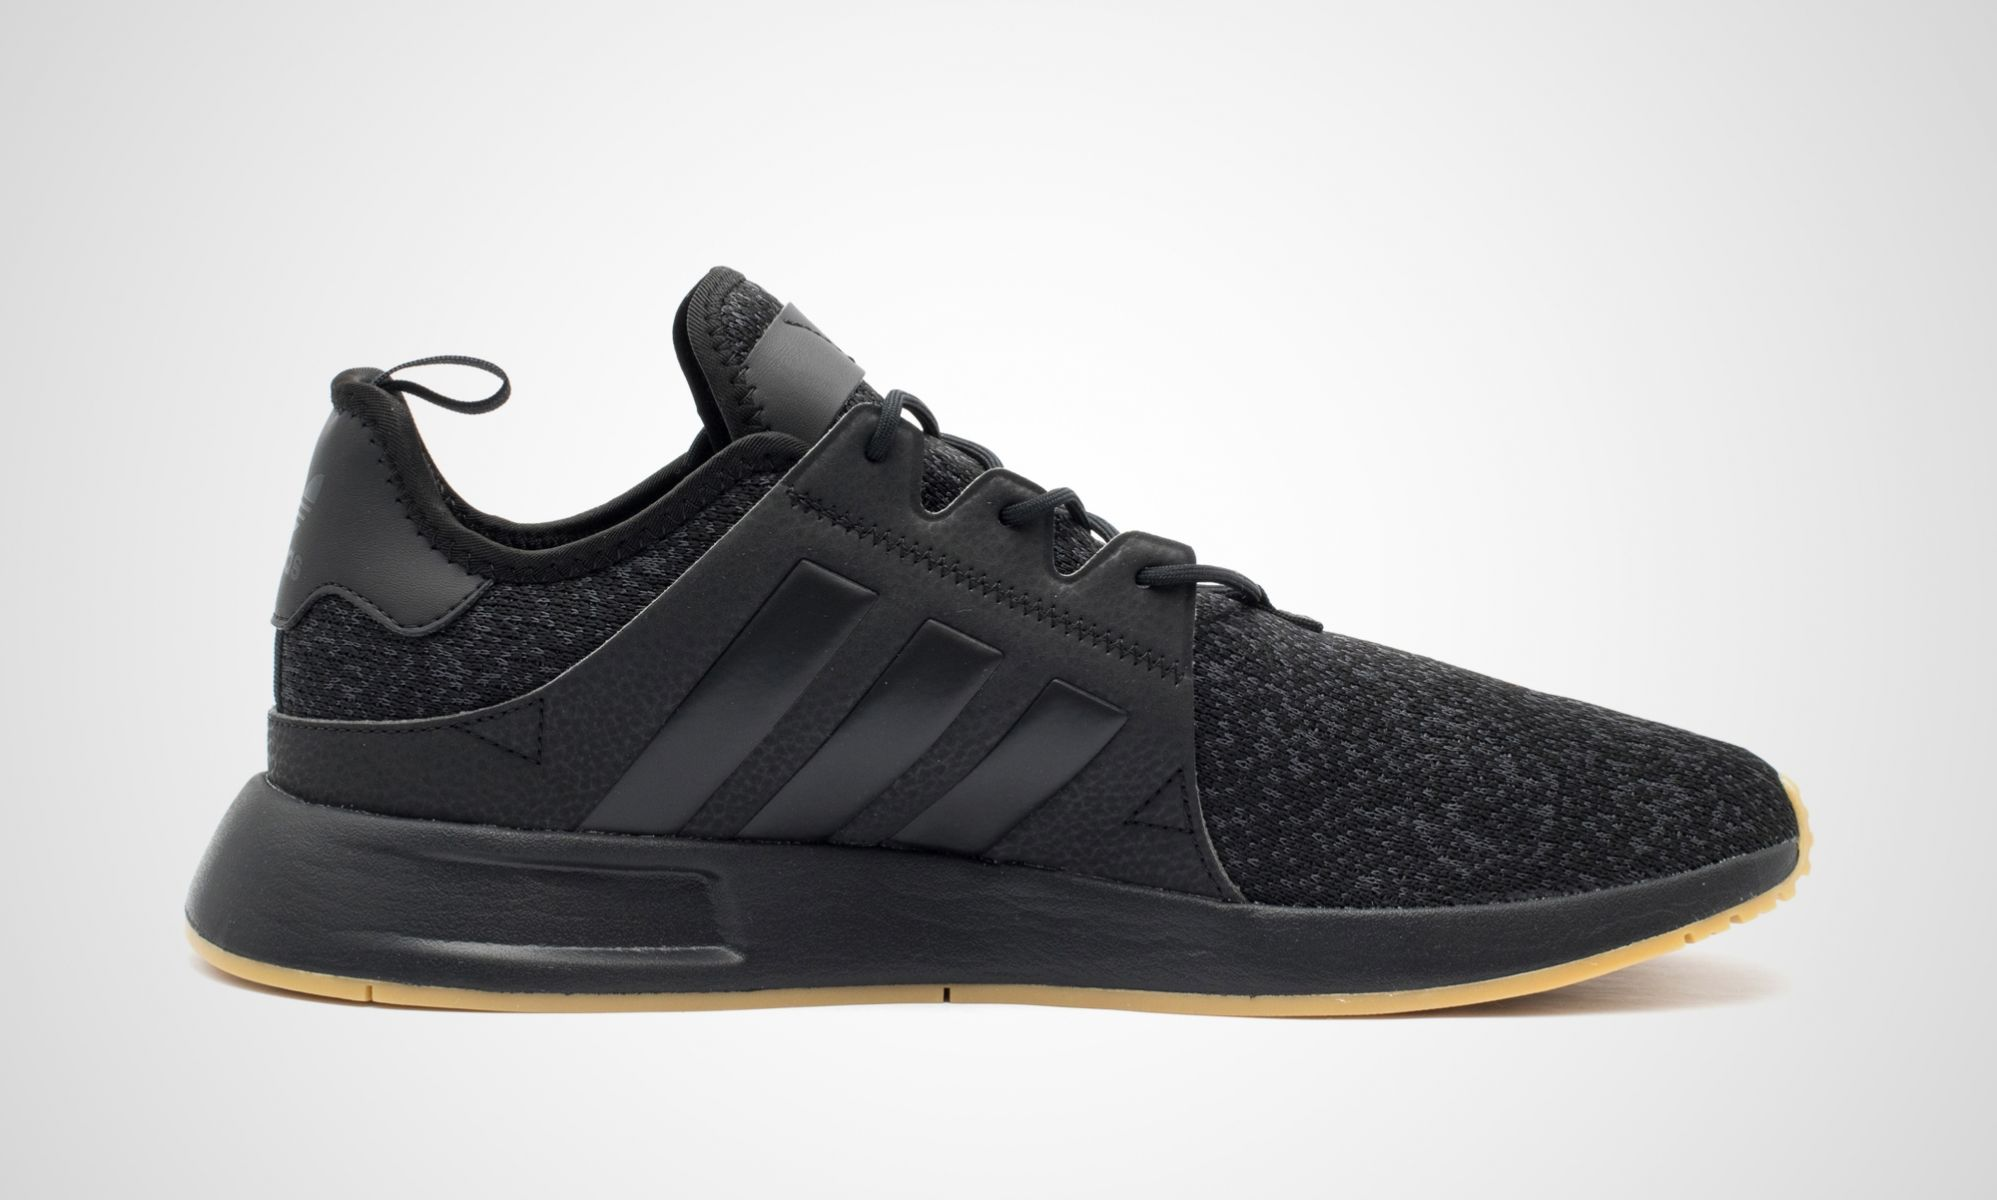 Adidas Originals Trefoil Scarpe Sneakers Trainers Sportive Nero X PLR Uomo  201 8 8 di 12 ... 4f801f2179f2